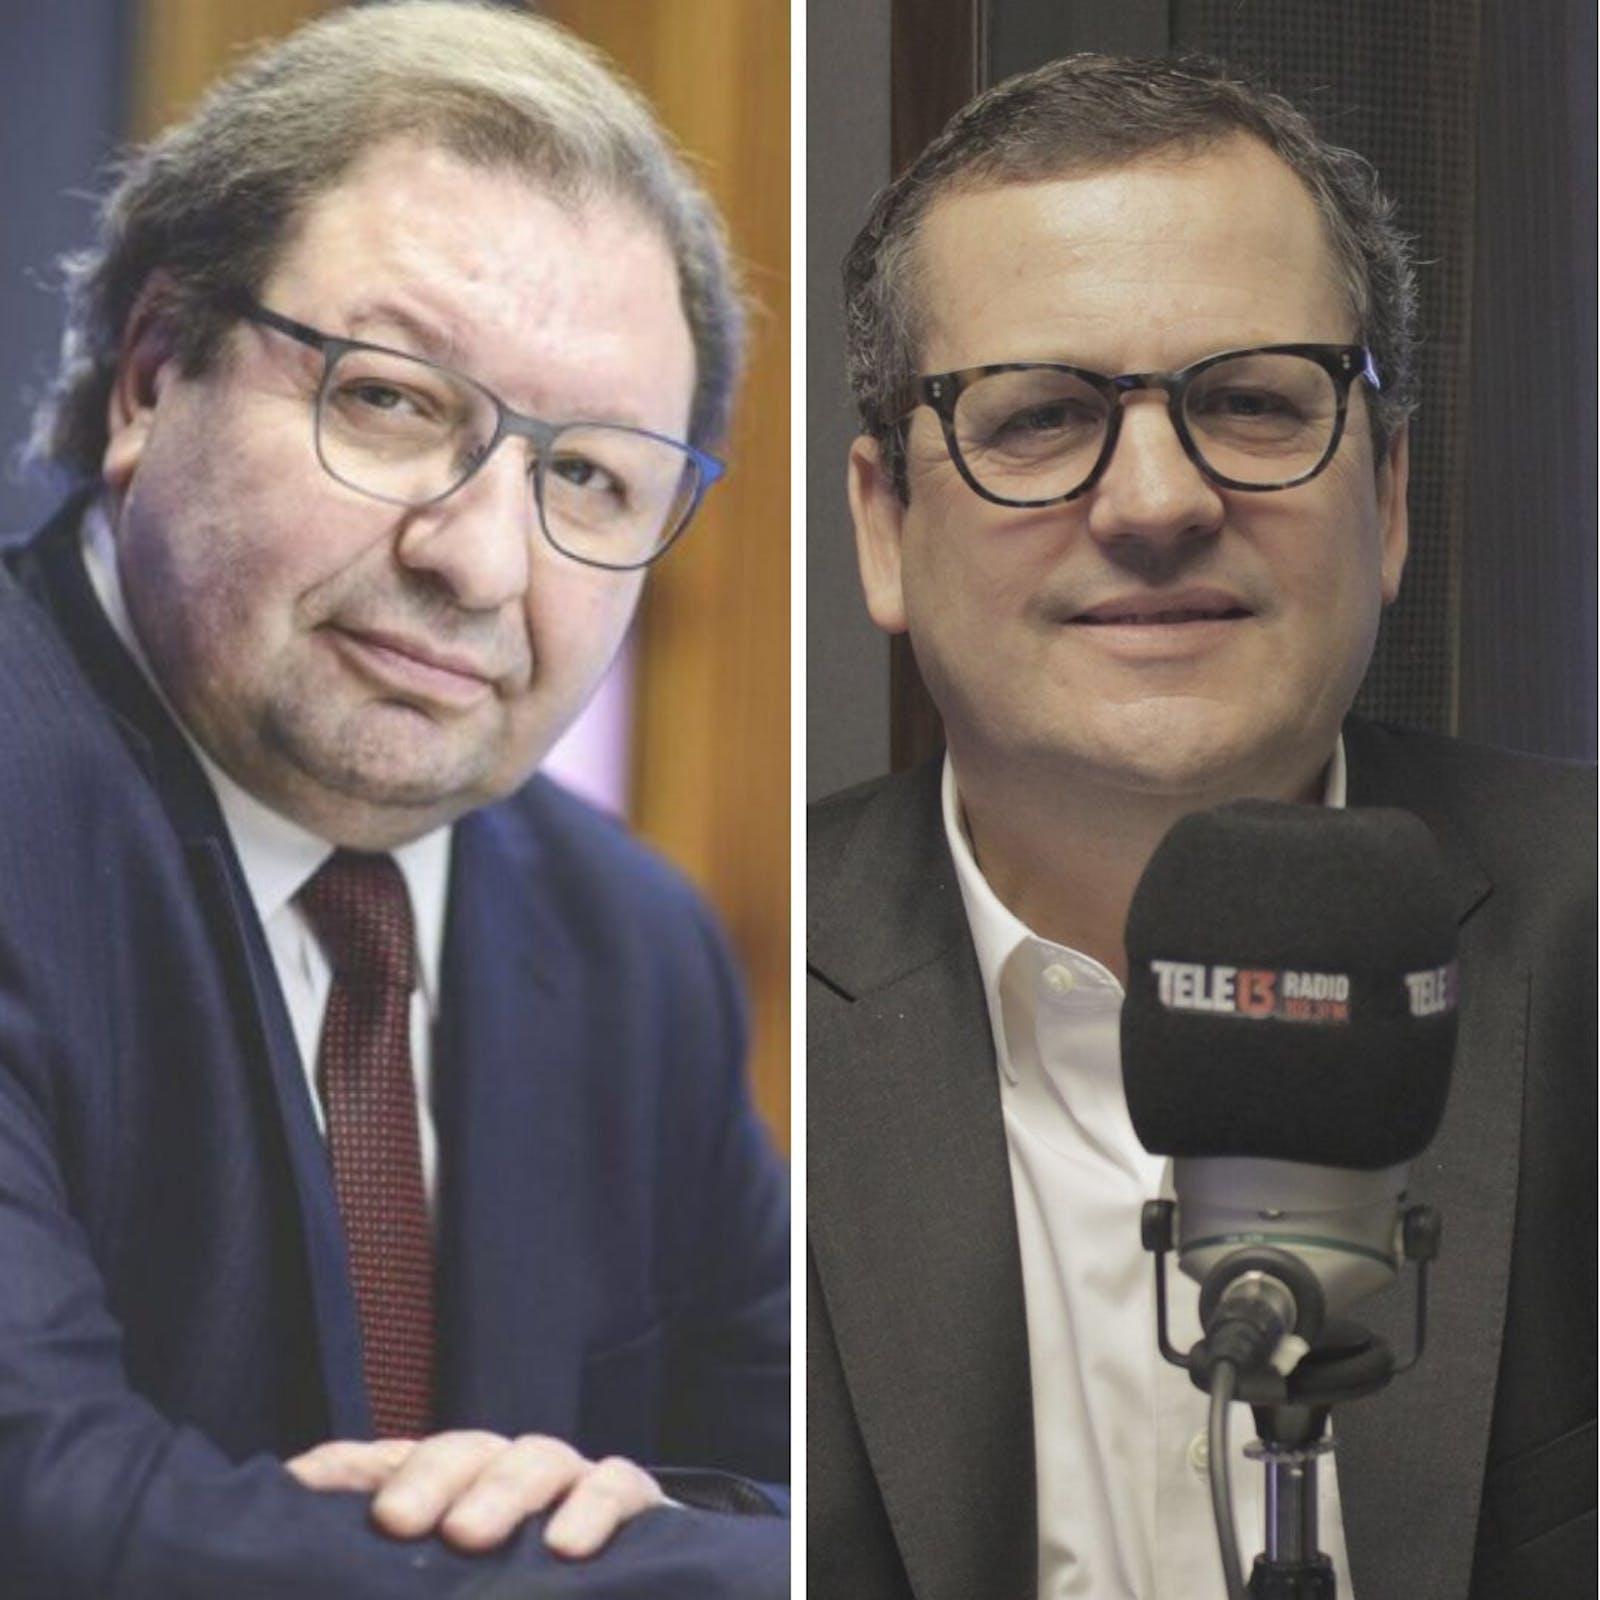 Bofill y Cavallo por desempeño de ministro Mañalich y sistemas económicos tras Coronavirus